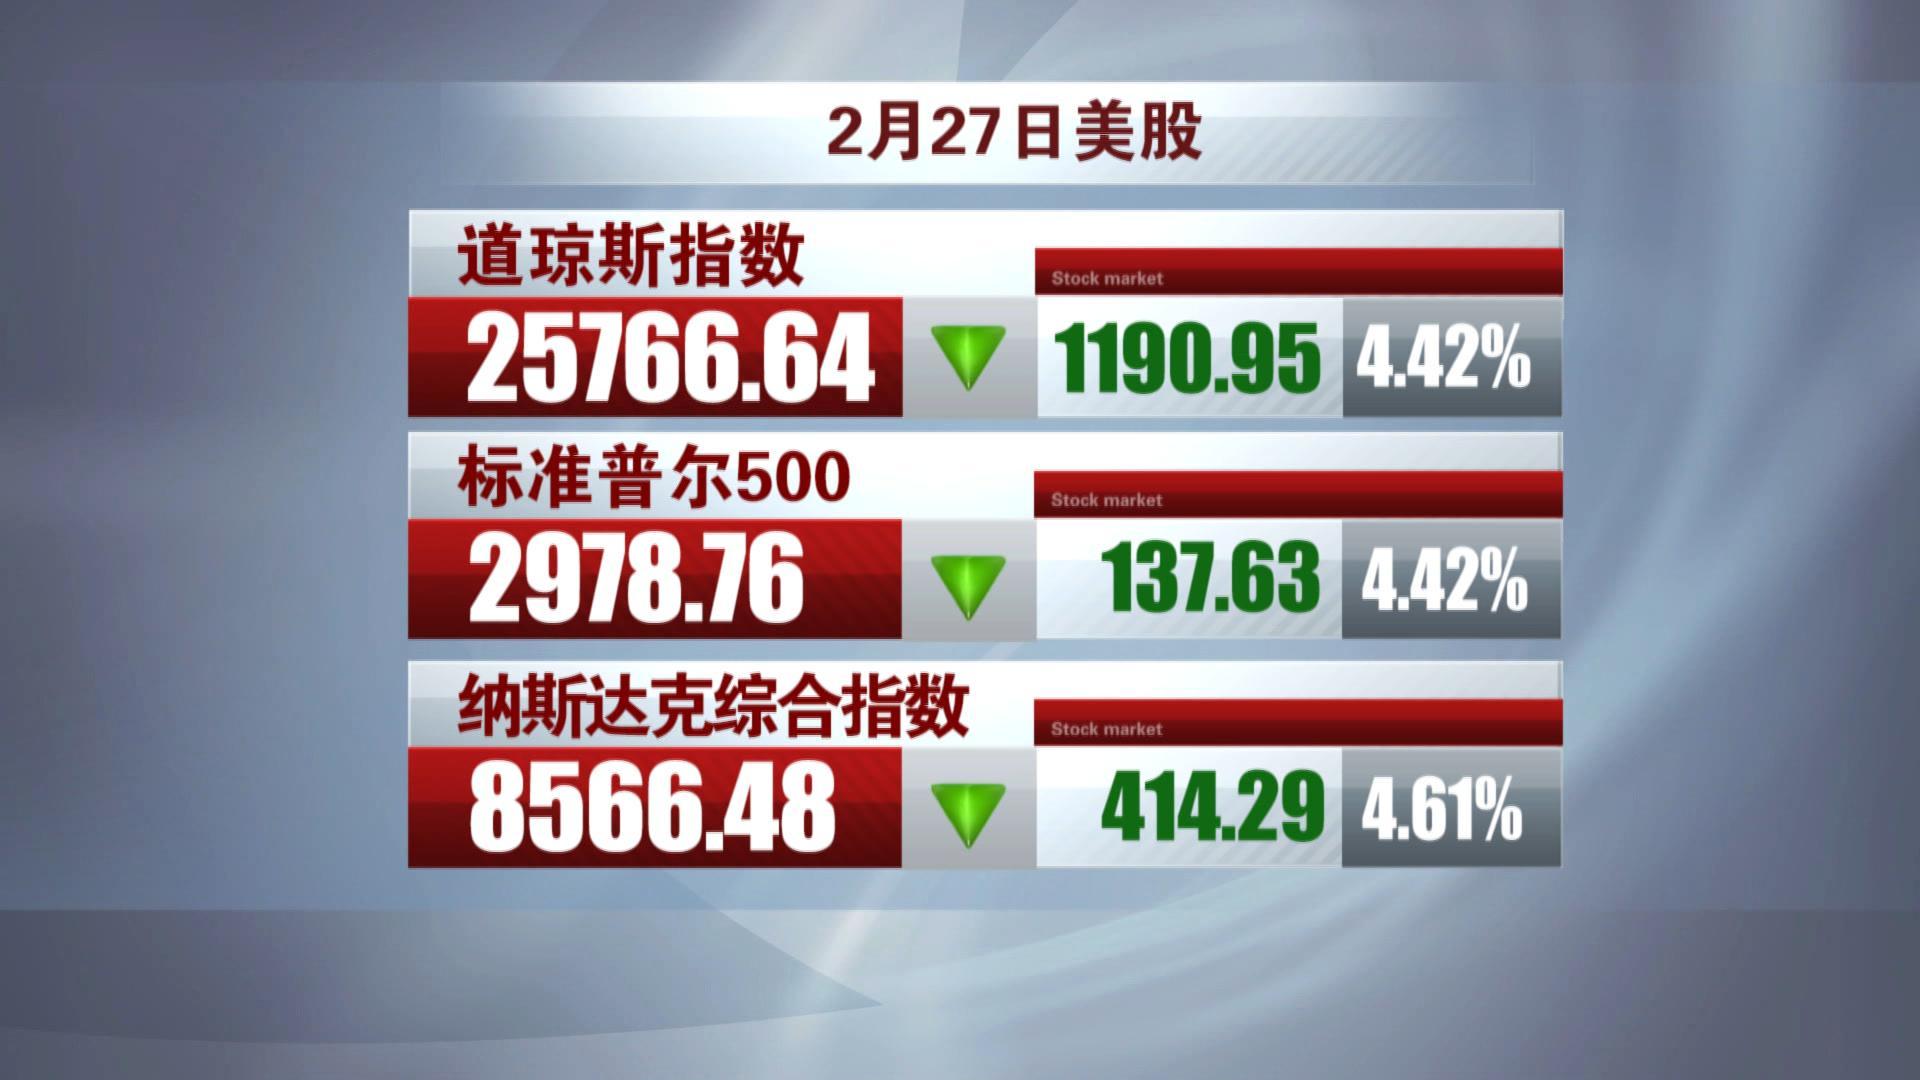 蓝冠:视频|全球股市暴蓝冠跌都是新冠肺炎图片